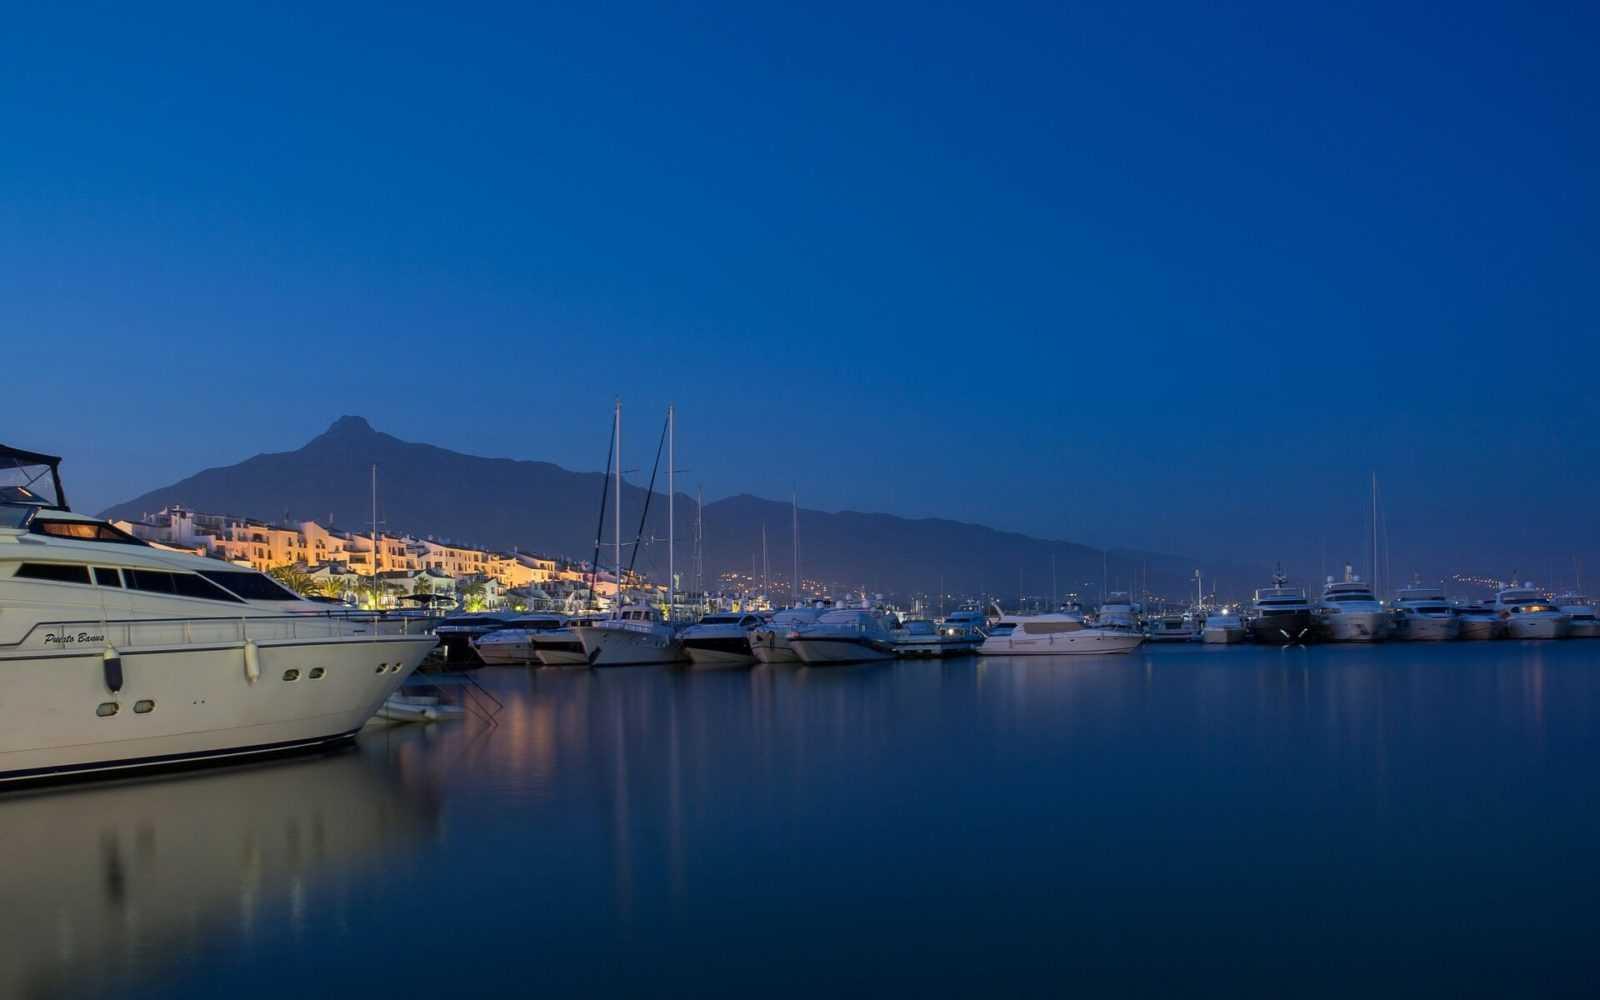 Hafen, Marbella, Spanien